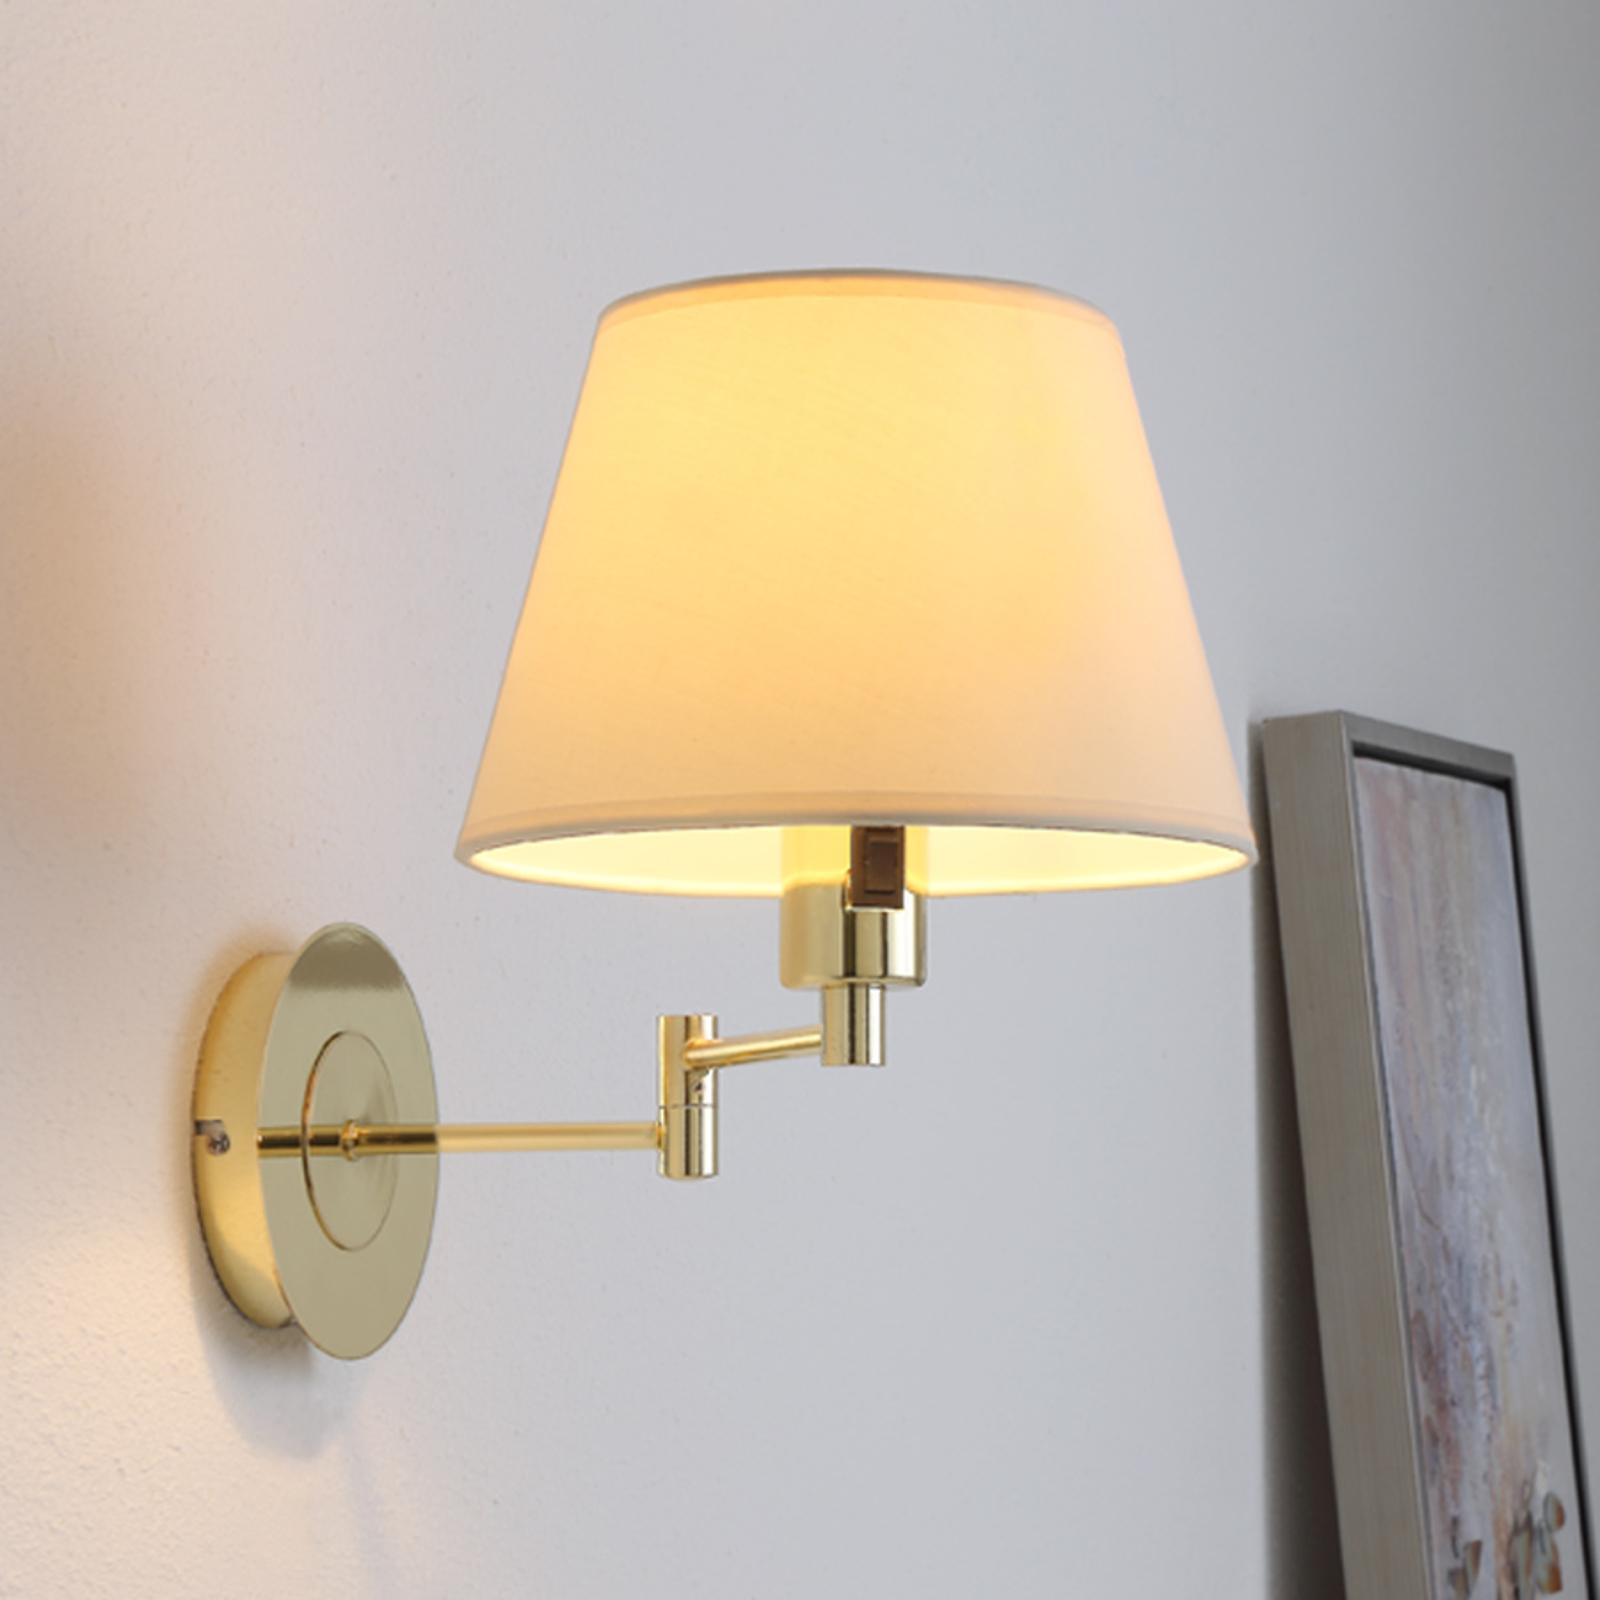 Lampa ścienna POLA na wysięgniku